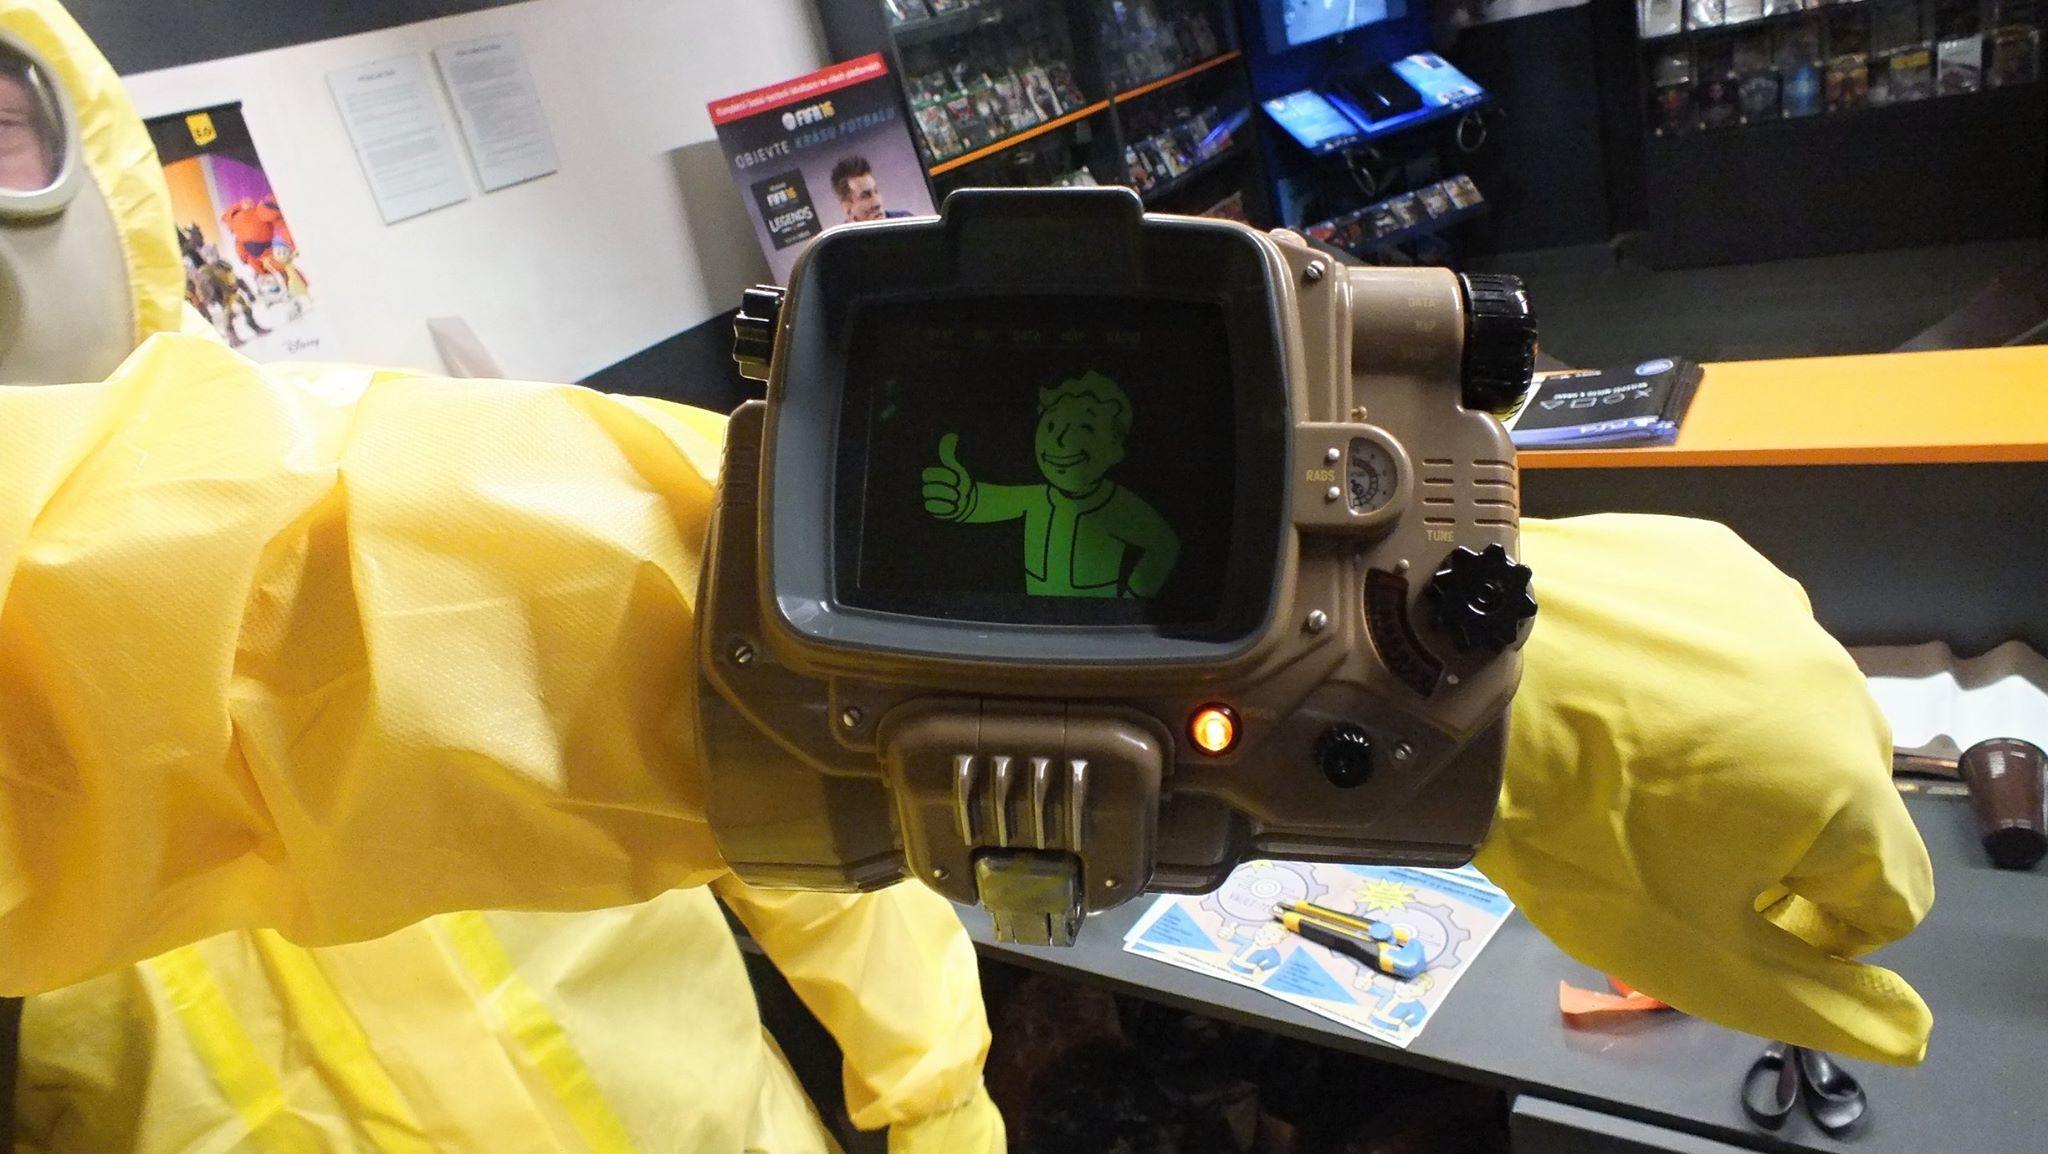 Fotky z půlnočního prodeje Falloutu 4 116131